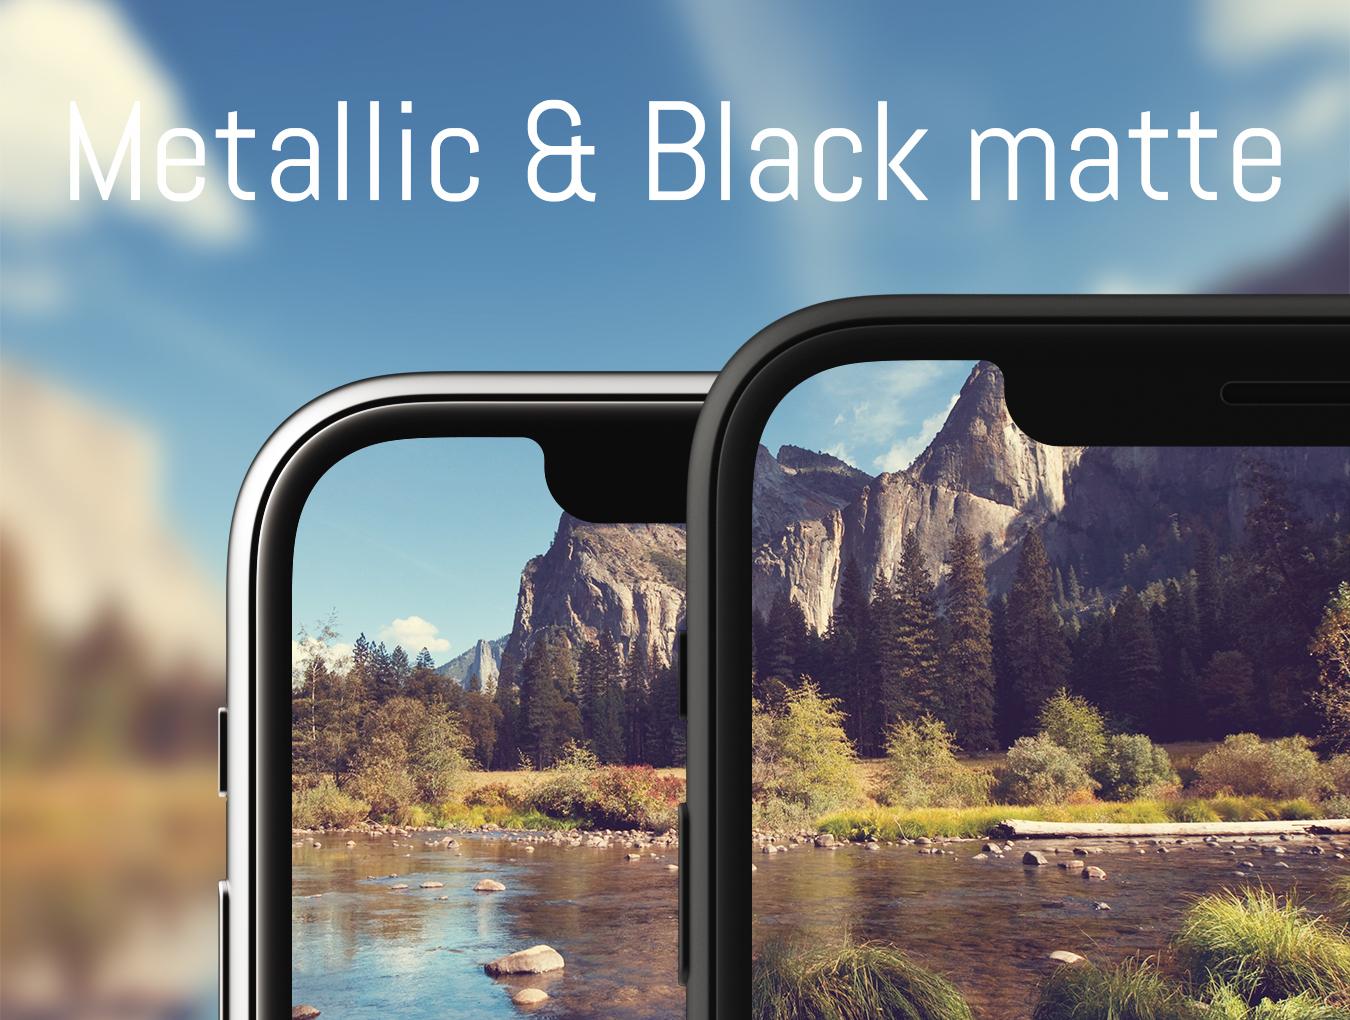 高品质背景装饰iPhone X AIR样机 iPhone X AIR Mockup插图(2)